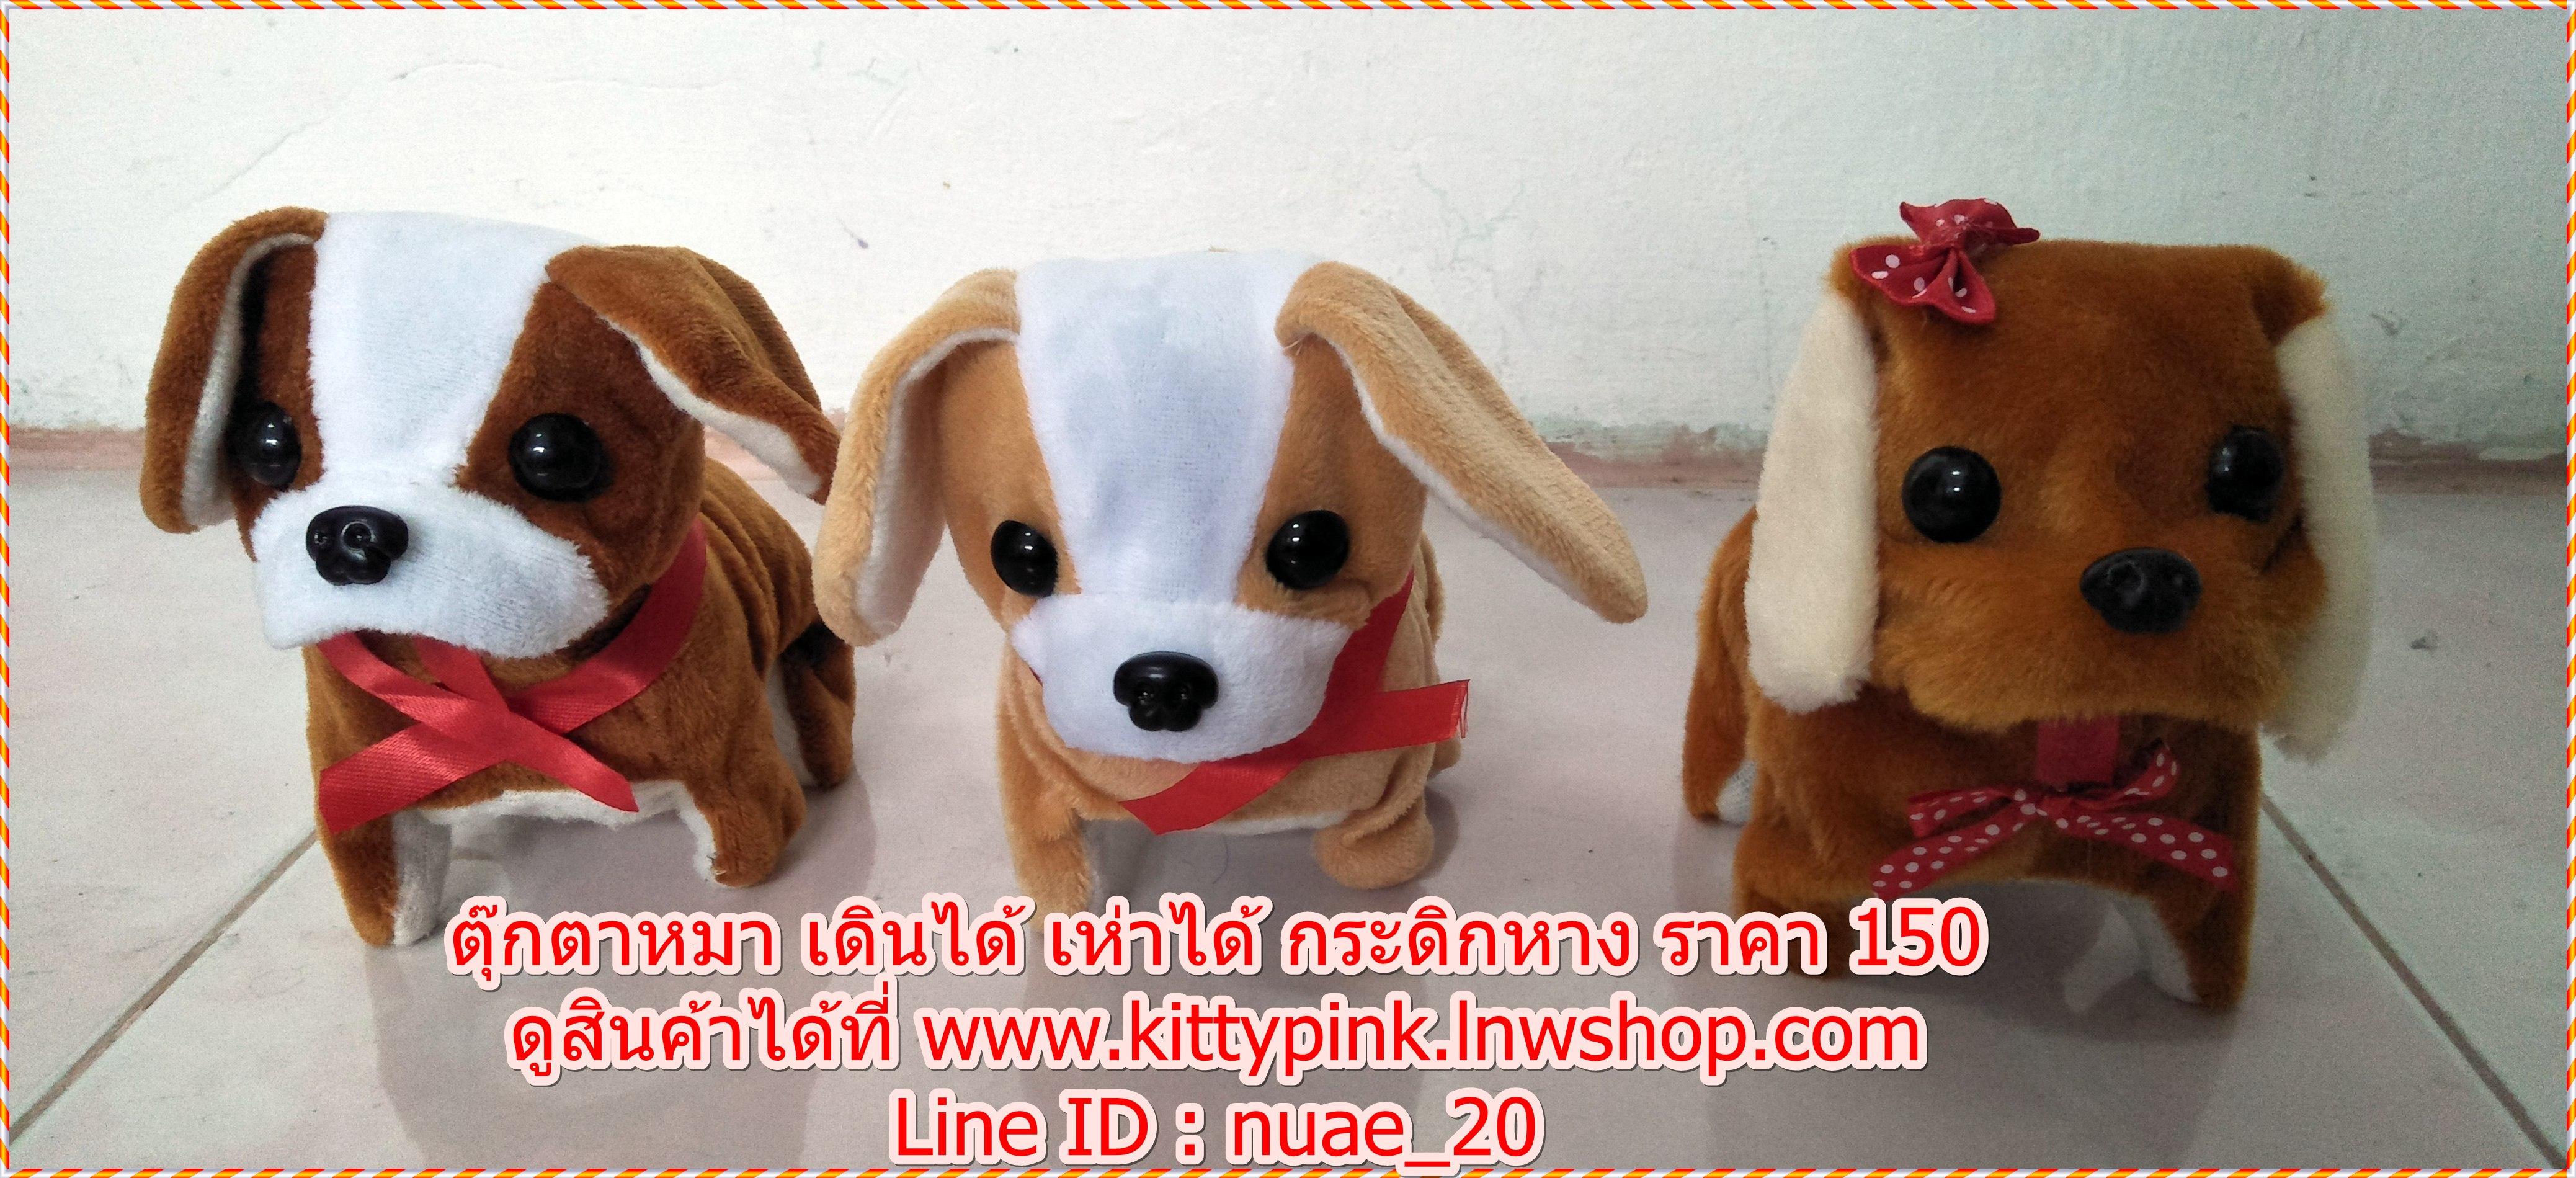 ตุ๊กตาหมา เดินได้ กระดิง เห่าได้ มี 3 แบบ ให้เลือก